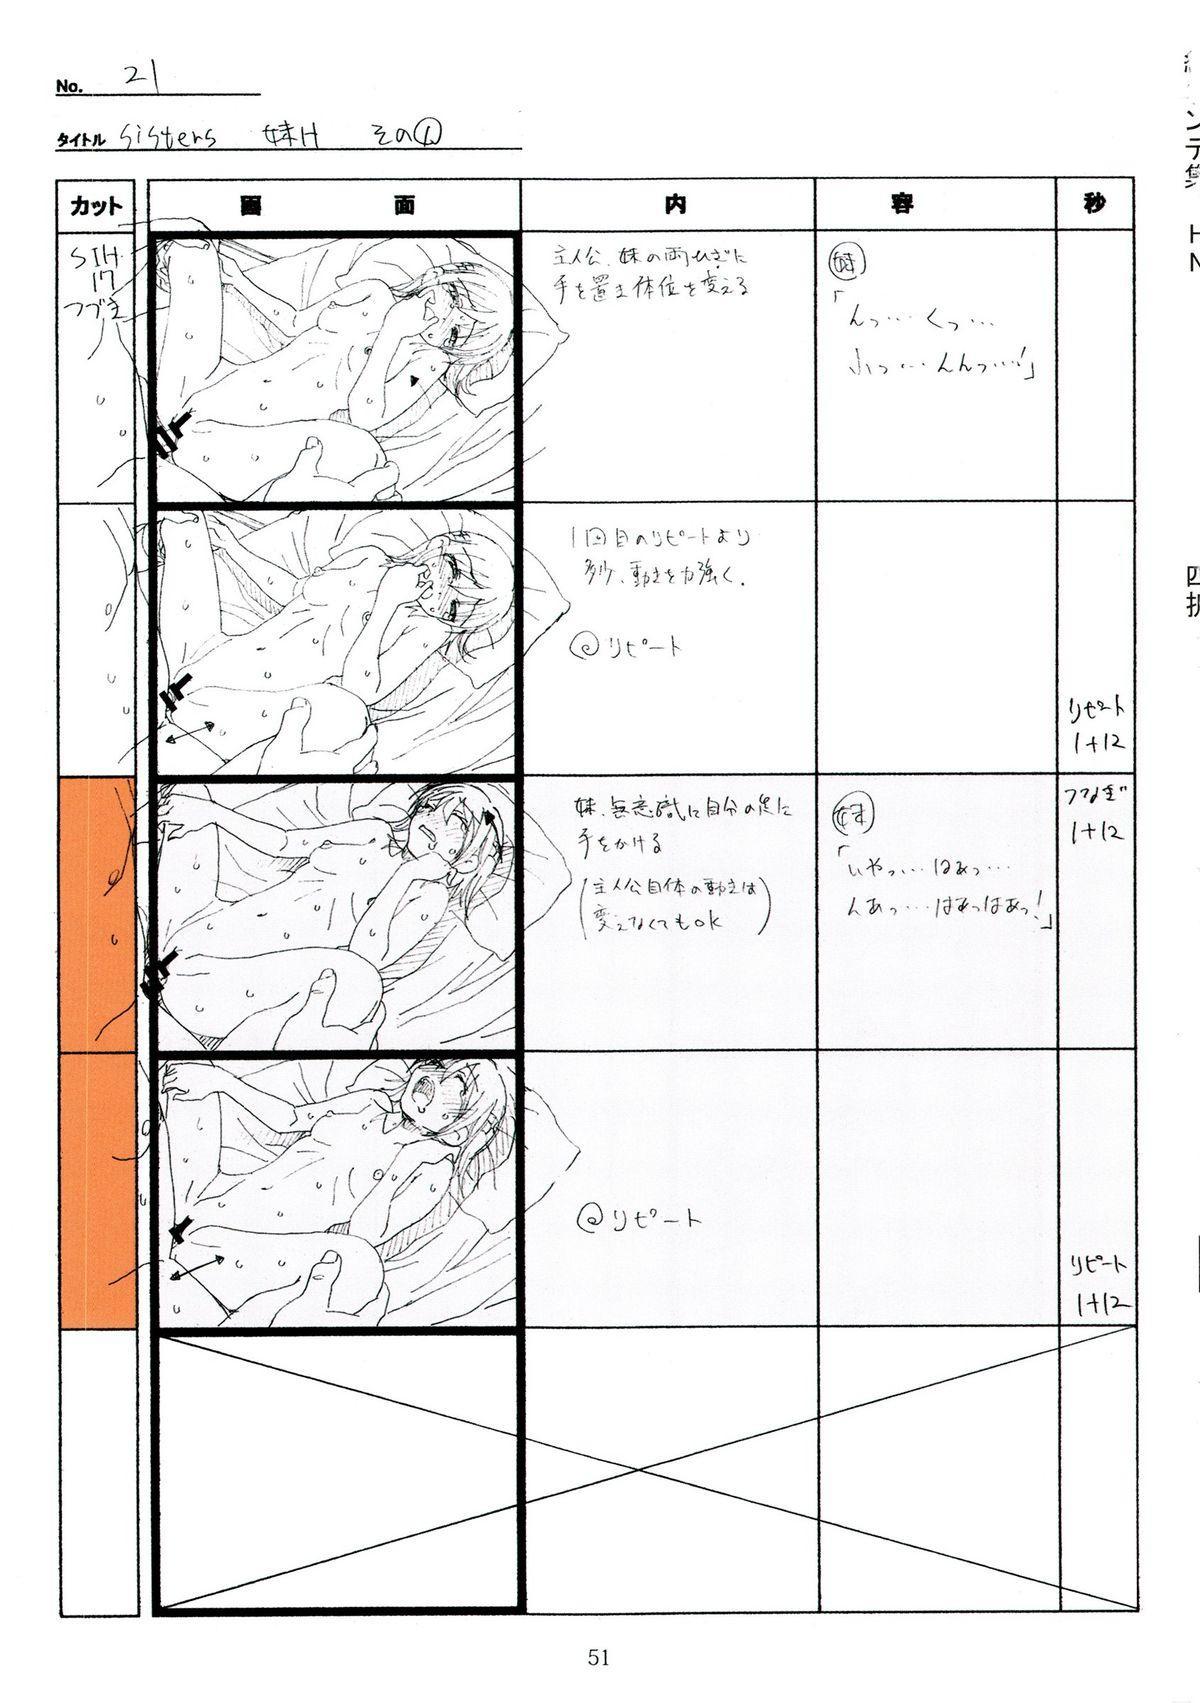 (C89) [Makino Jimusho (Taki Minashika)] SISTERS -Natsu no Saigo no Hi- H Scene All Part Storyboard (SISTERS -Natsu no Saigo no Hi-) 50